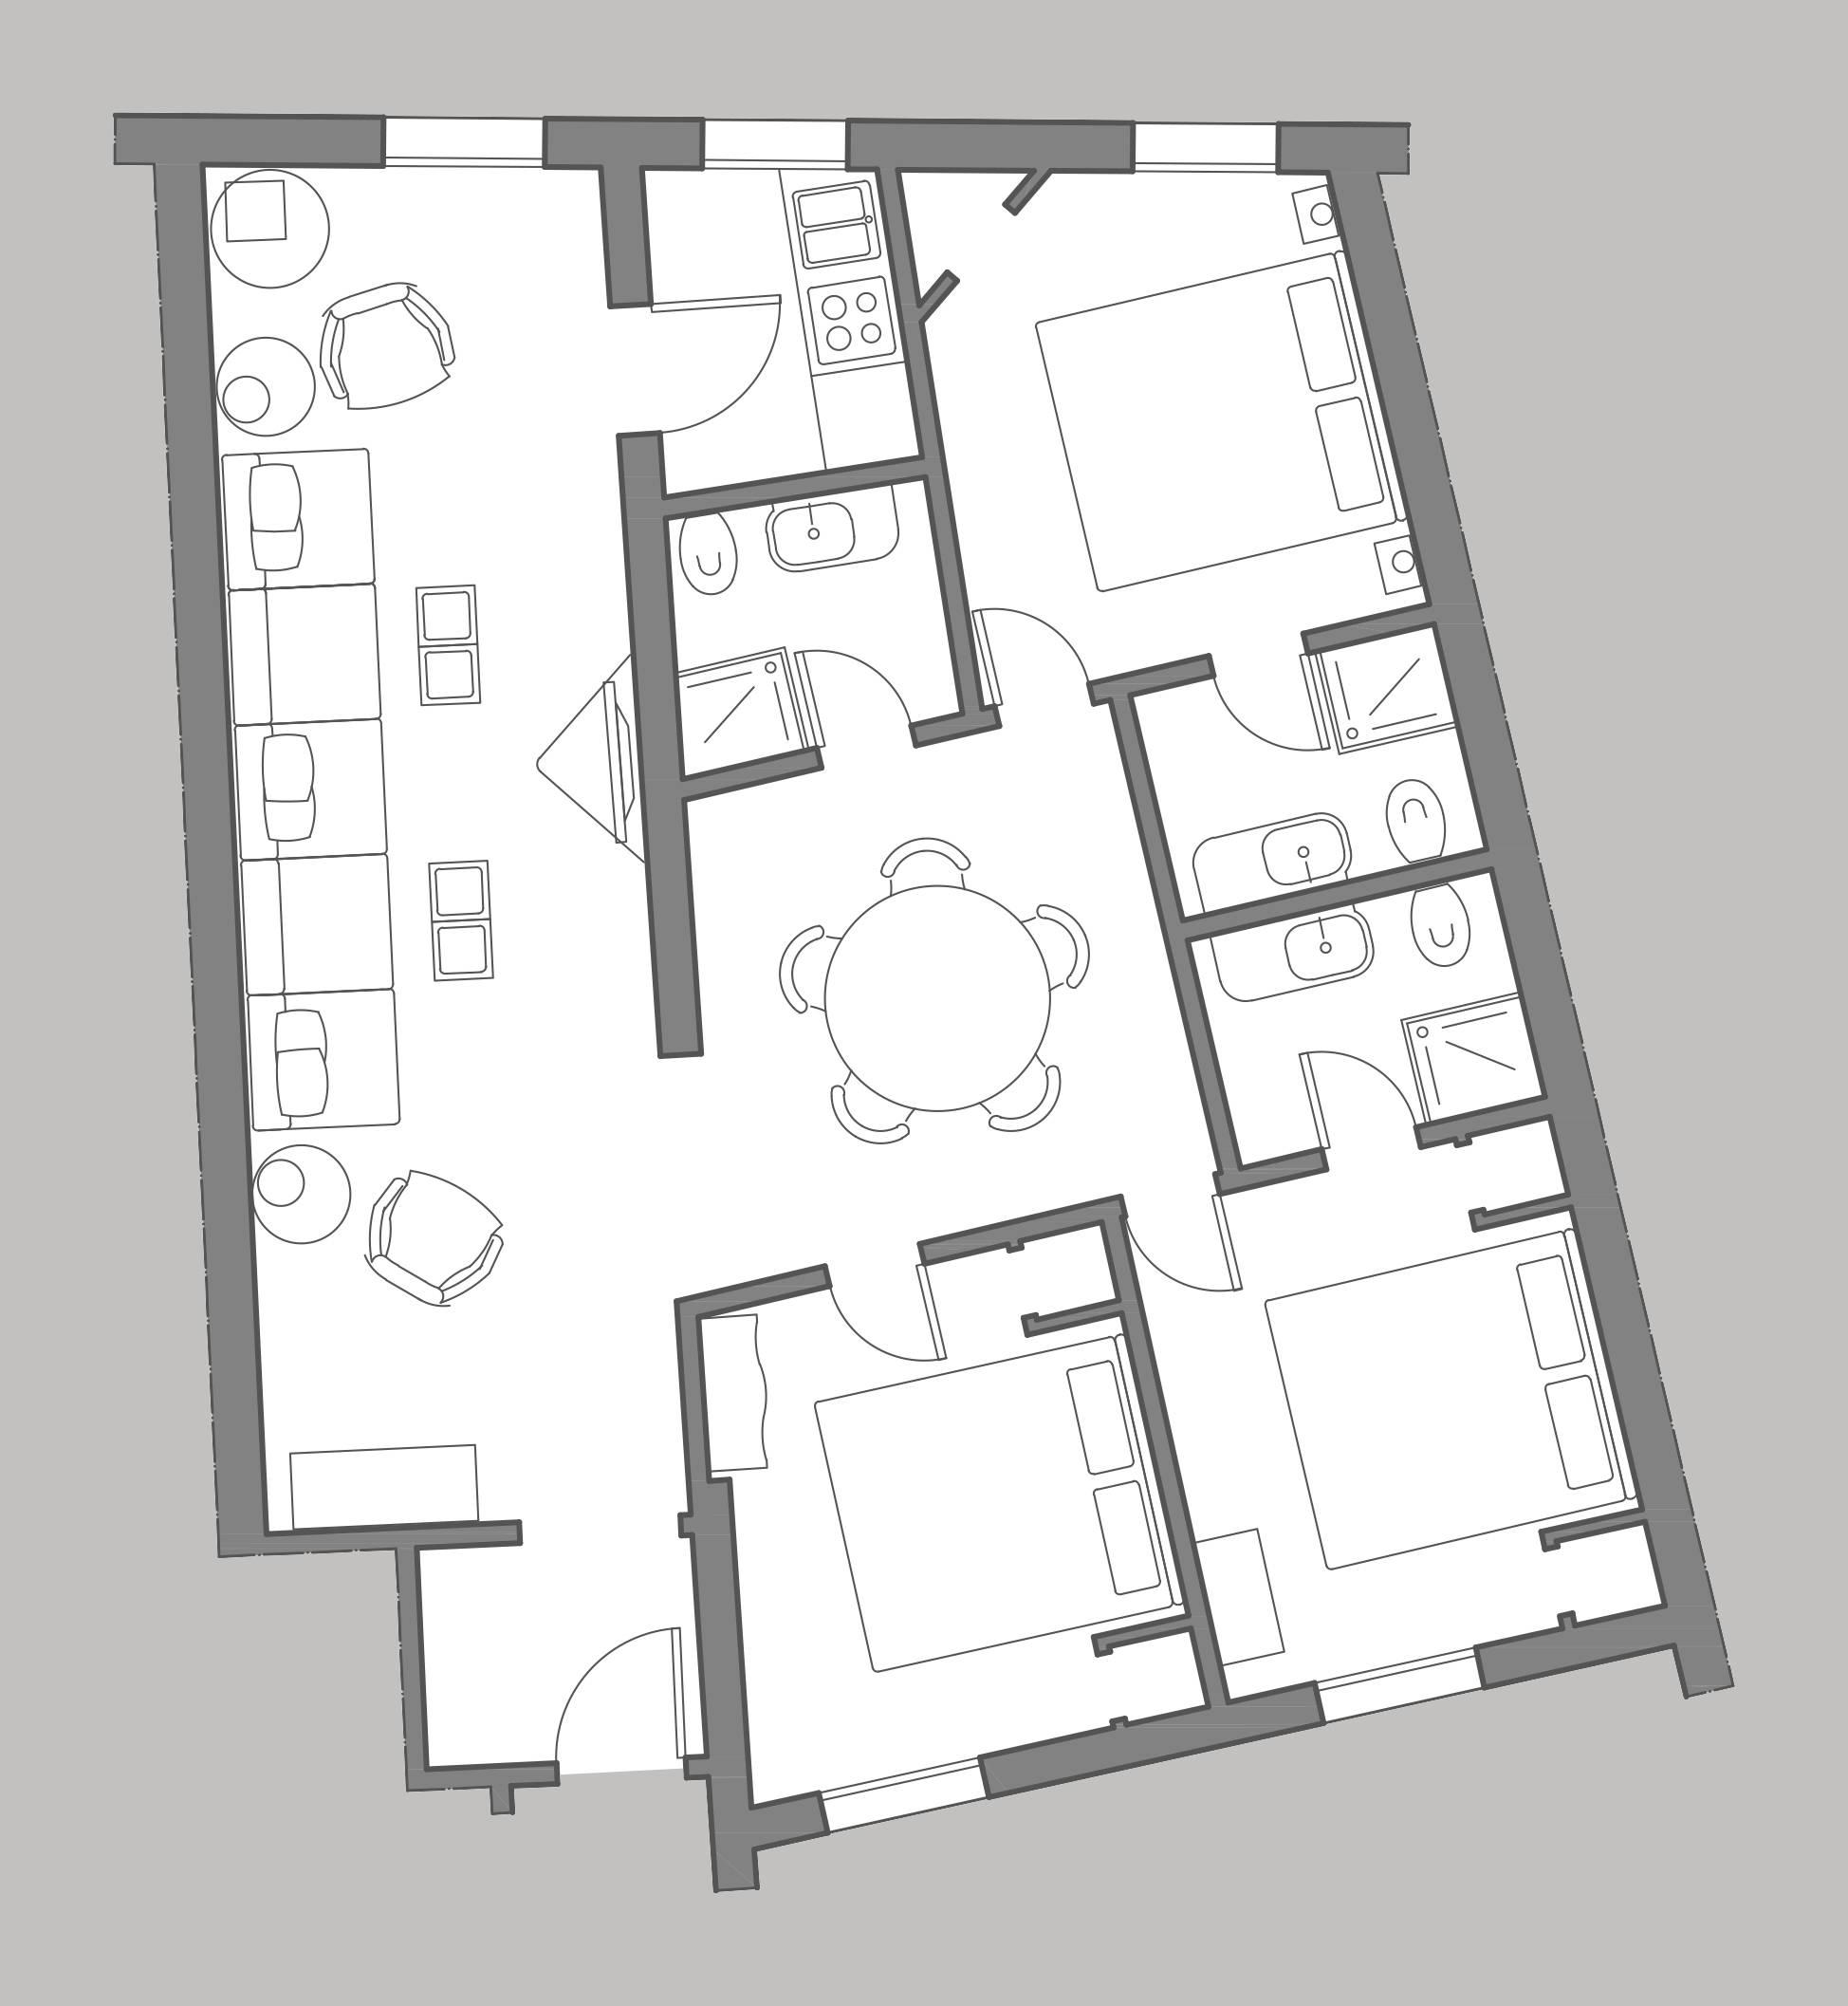 Albrizzi floor plan